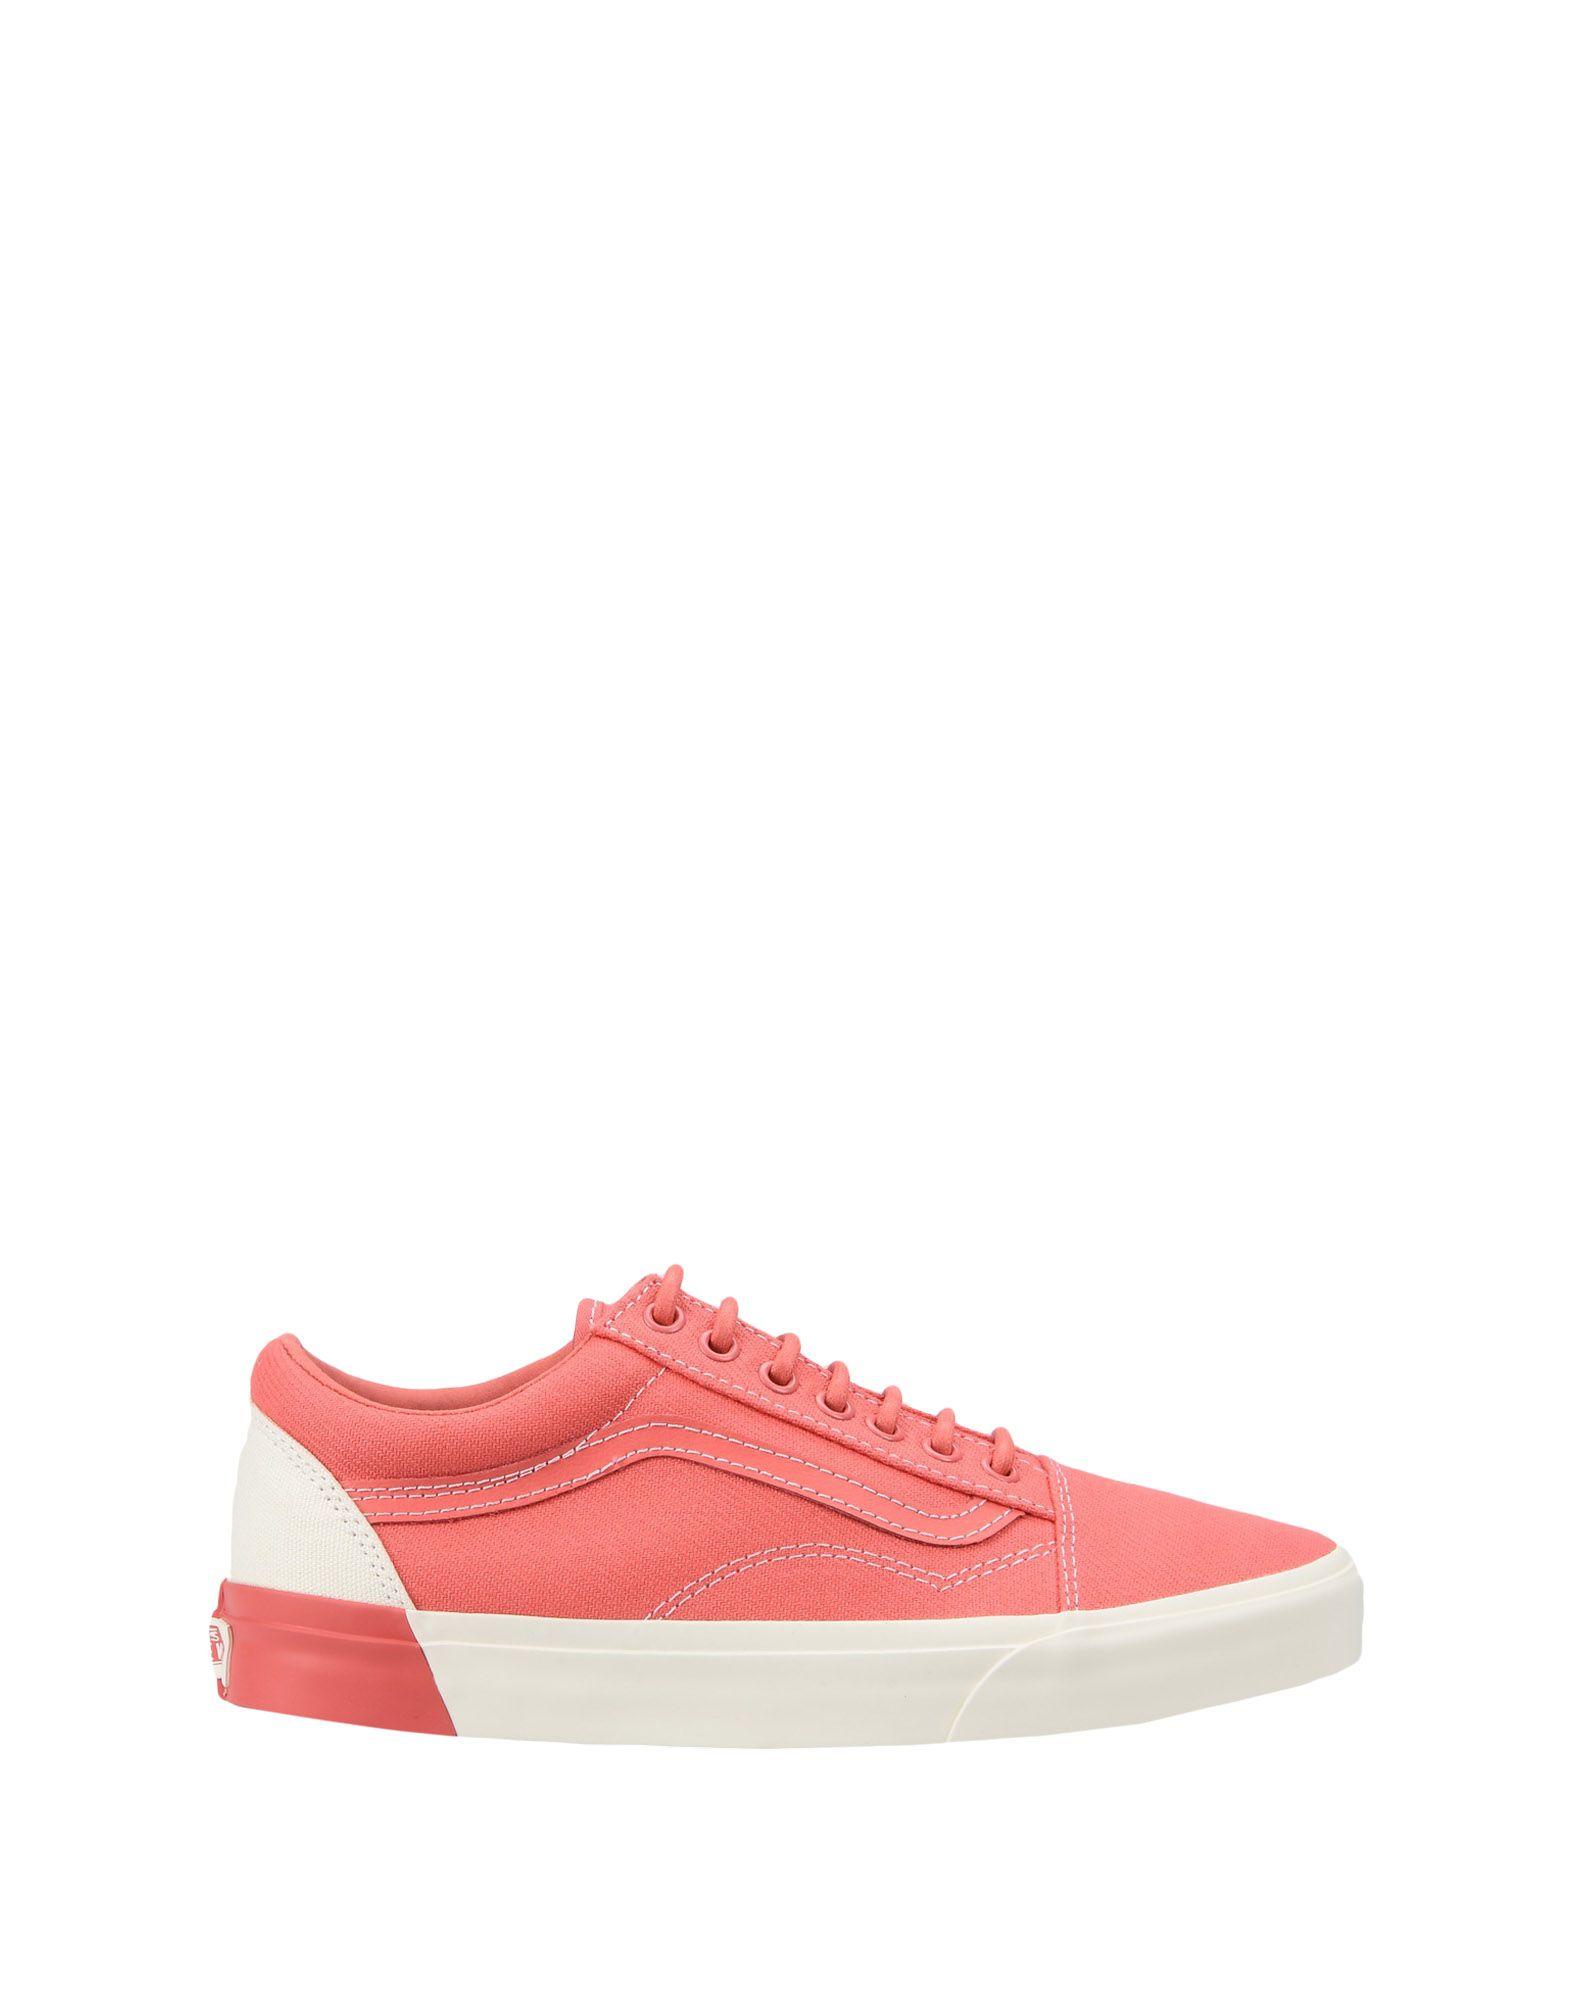 Sneakers Vans Ua Old Skool Dx - Blocked - Femme - Sneakers Vans sur